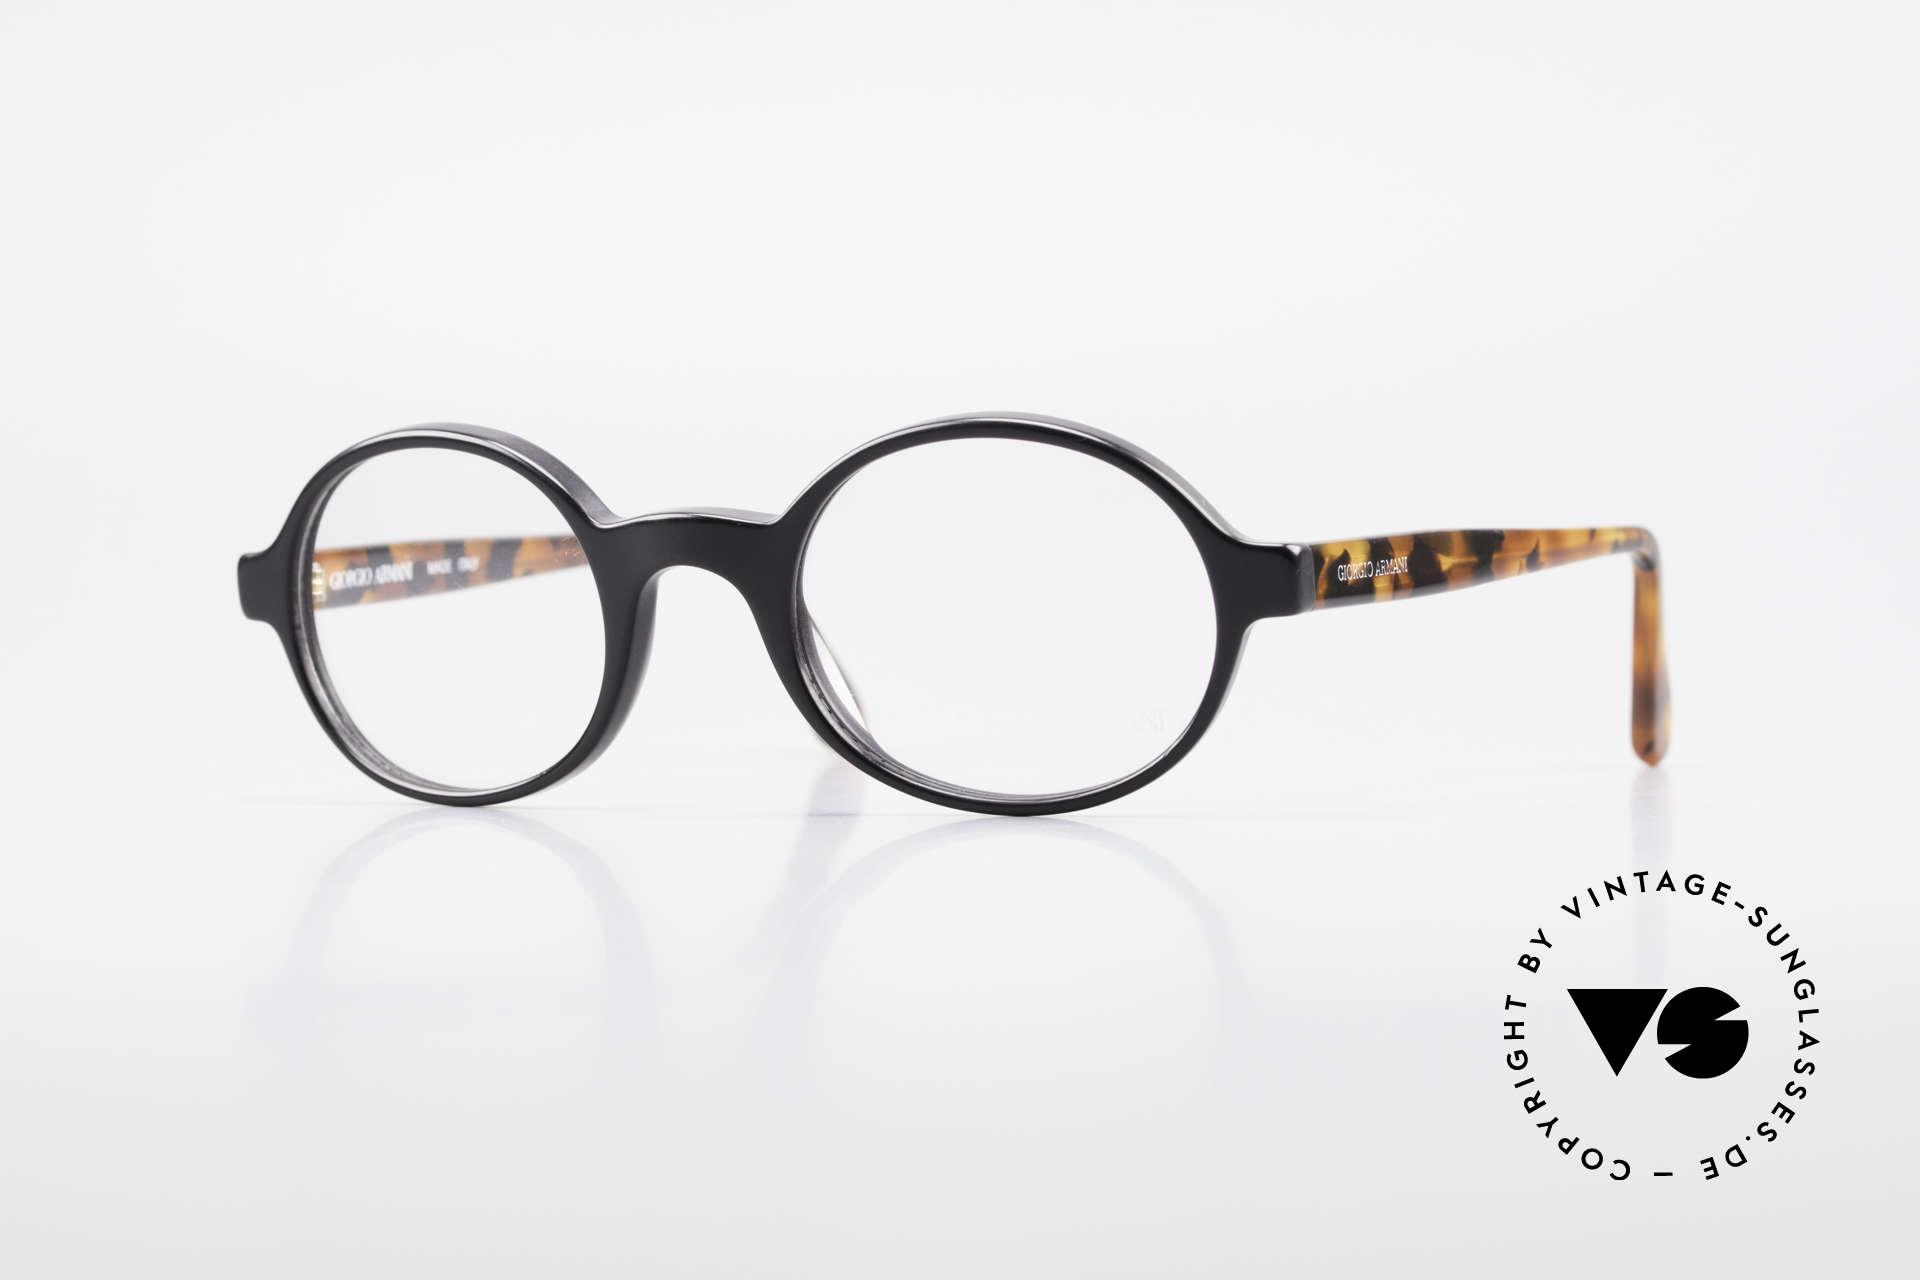 Giorgio Armani 308 Ovale 80er Vintage Fassung, zeitlose 1980er Giorgio ARMANI Designer-Fassung, Passend für Herren und Damen